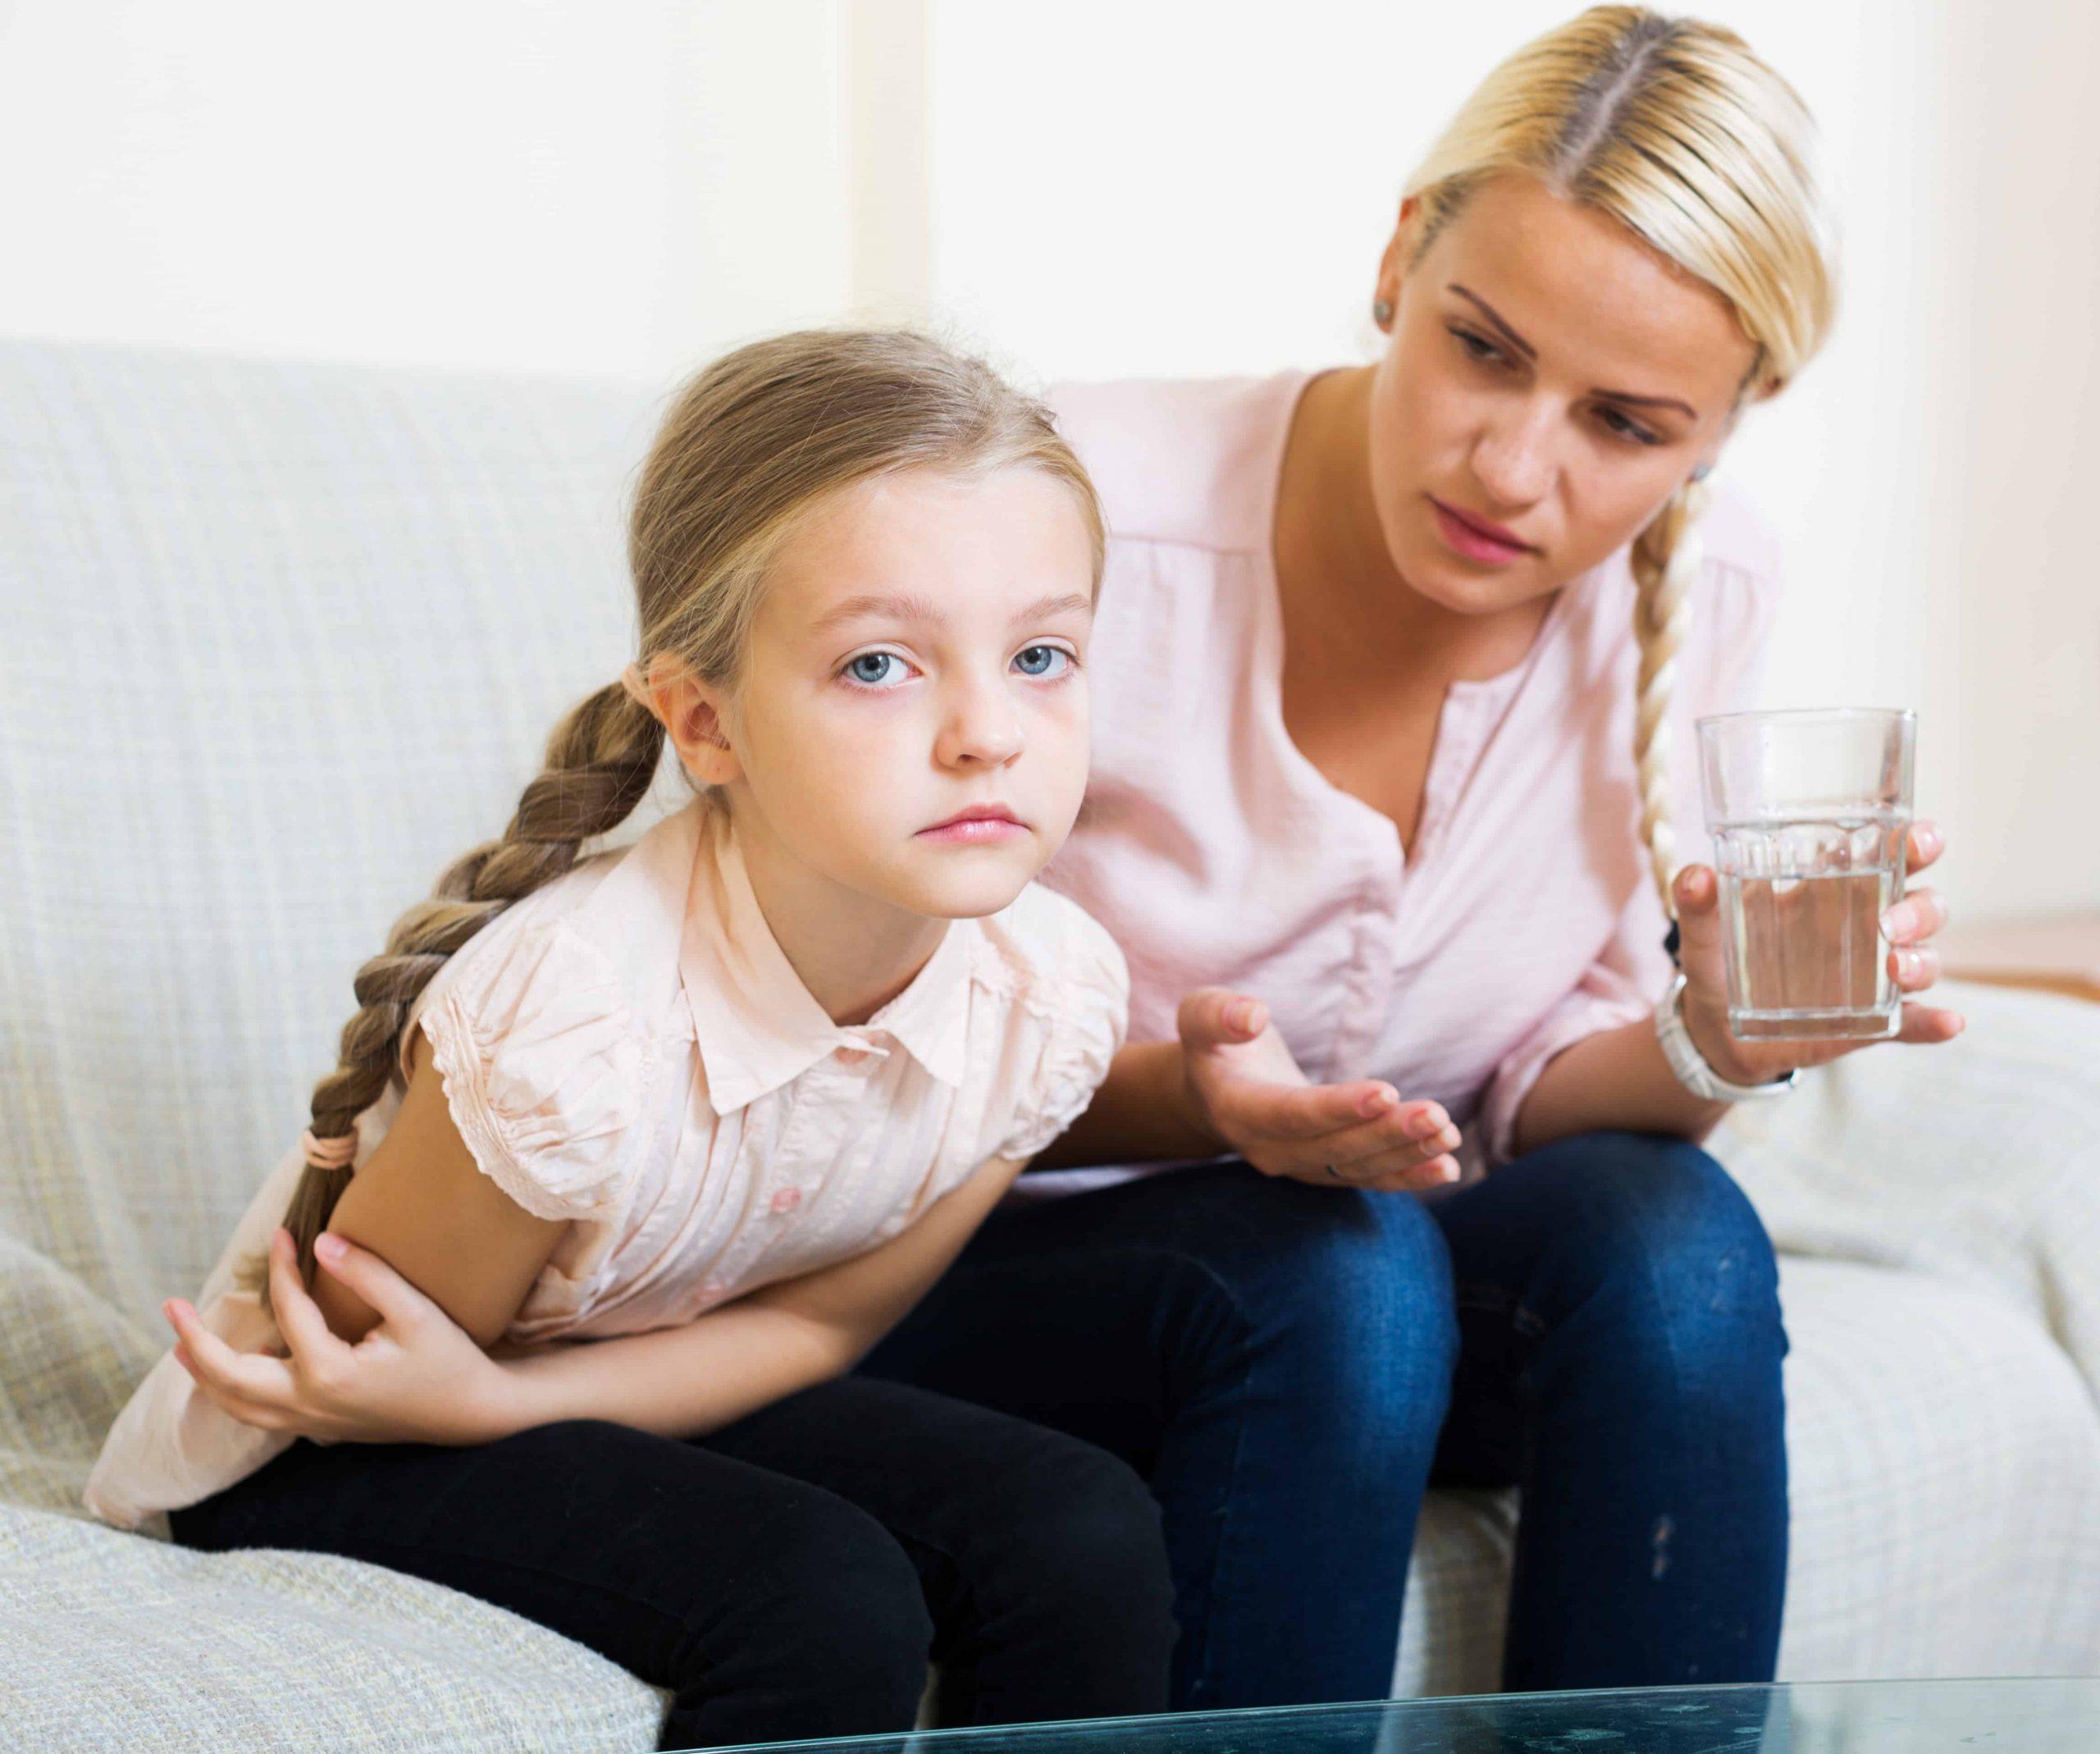 Bauchschmerzen bei Kindern: Sicher erkennen und effektiv behandeln